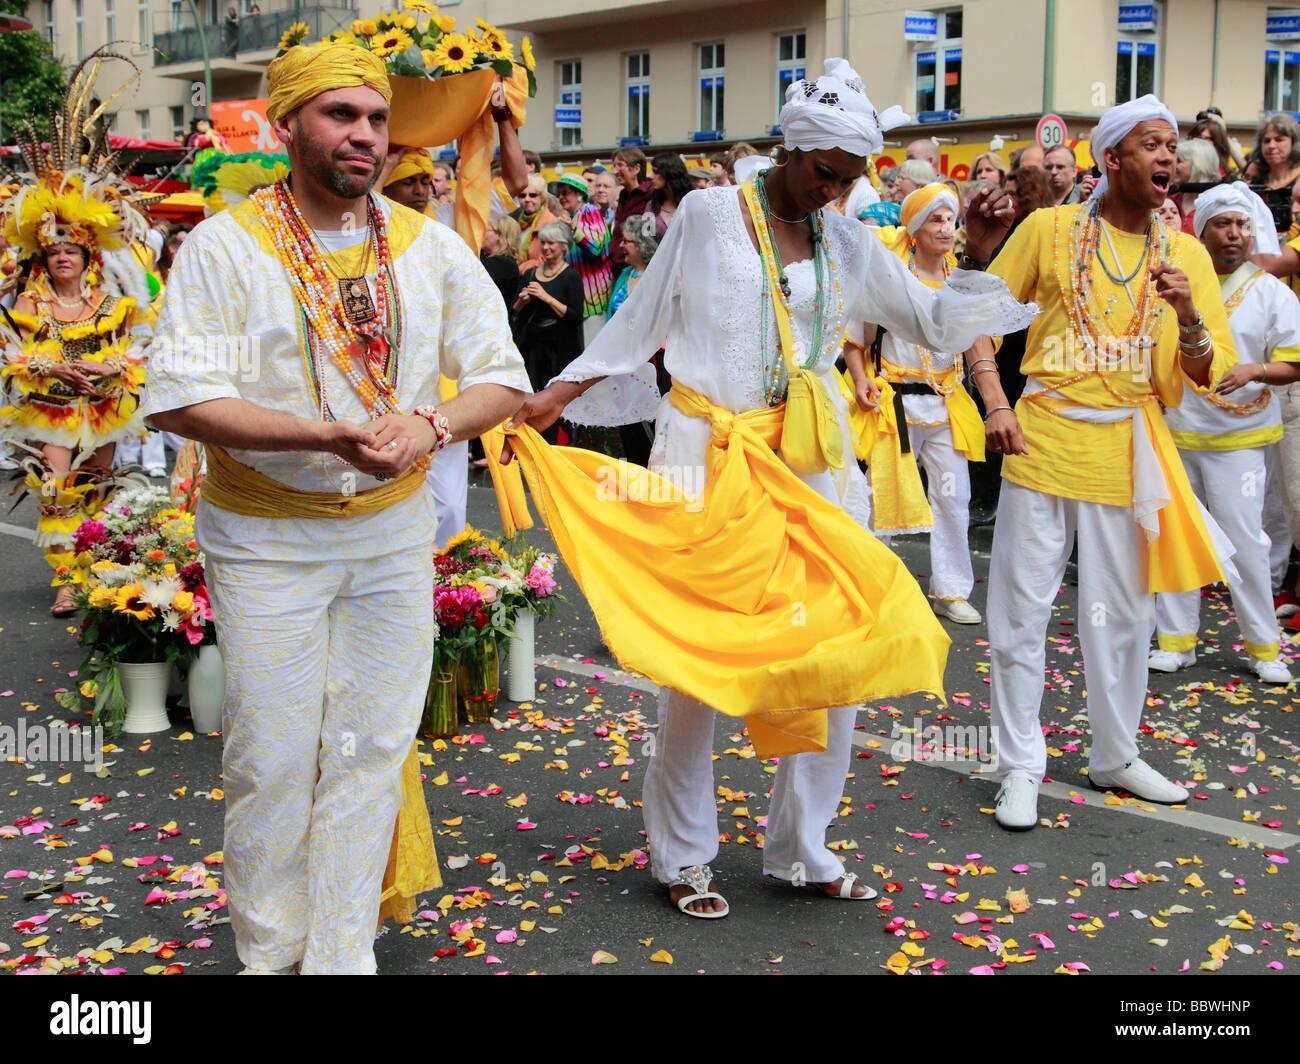 Germania Berlino Il Carnevale delle culture popolo brasiliano Immagini Stock